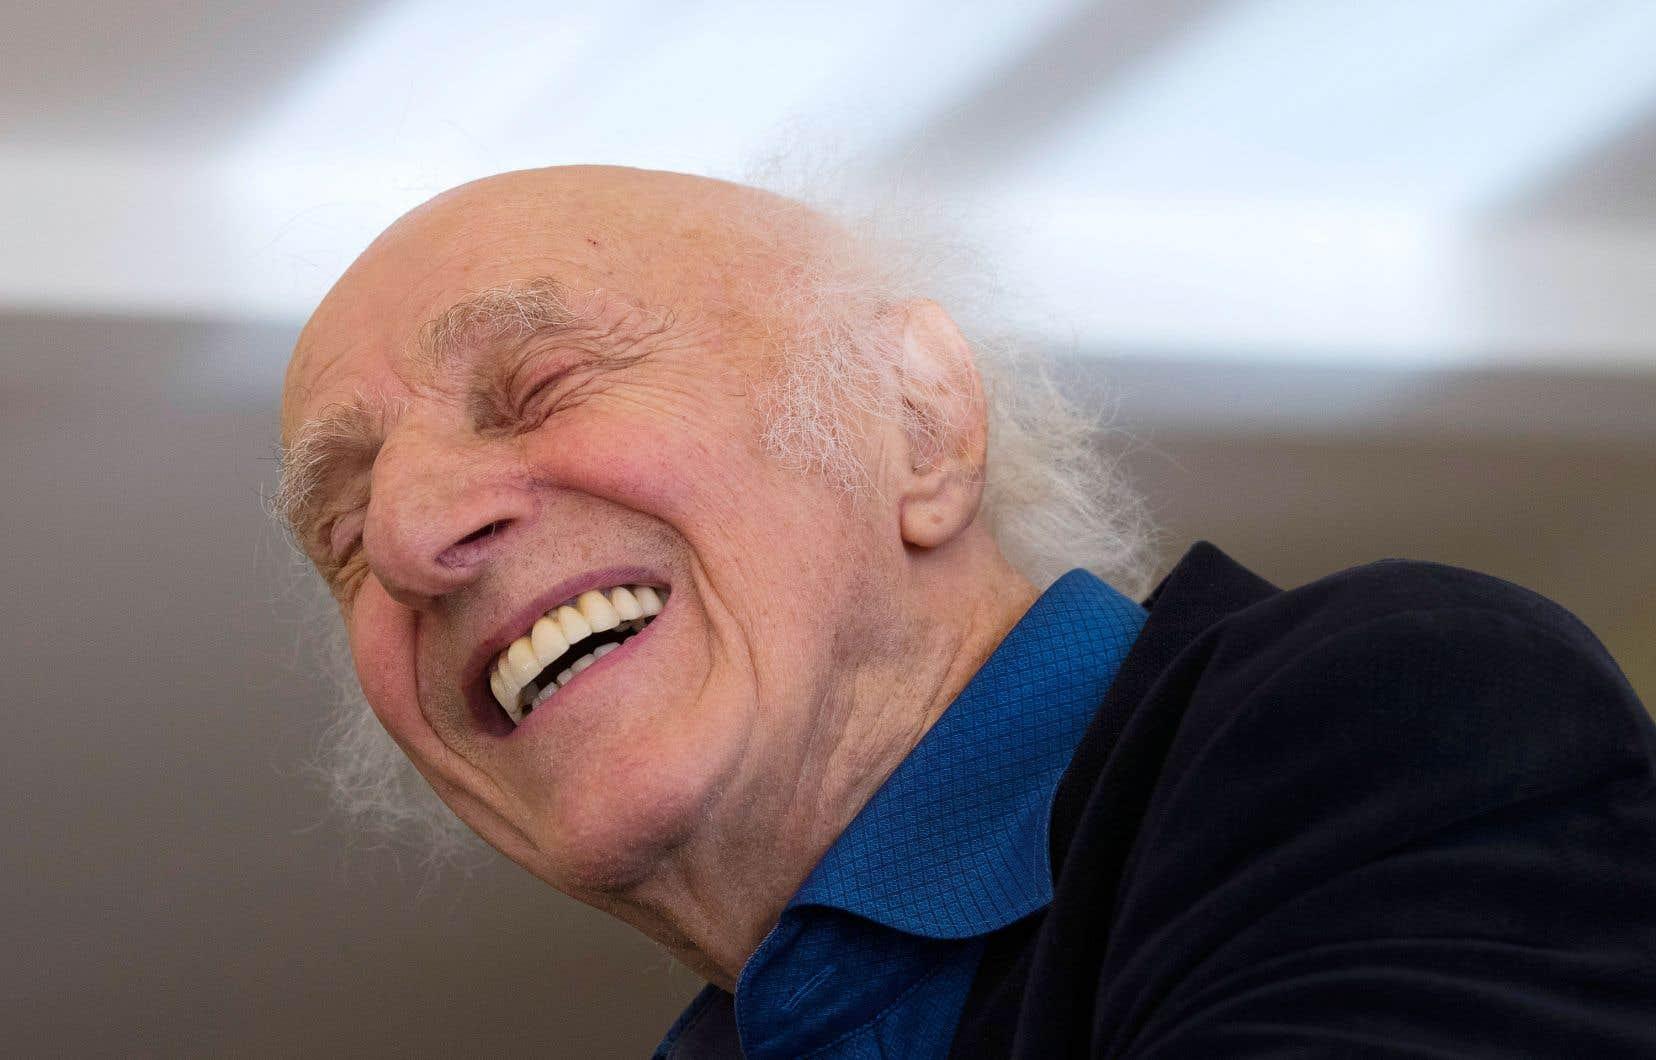 Le vénérable Gilles Vigneault, à presque 90ans, publie un recueil de poèmes inédits intitulé «Le chemin montant».